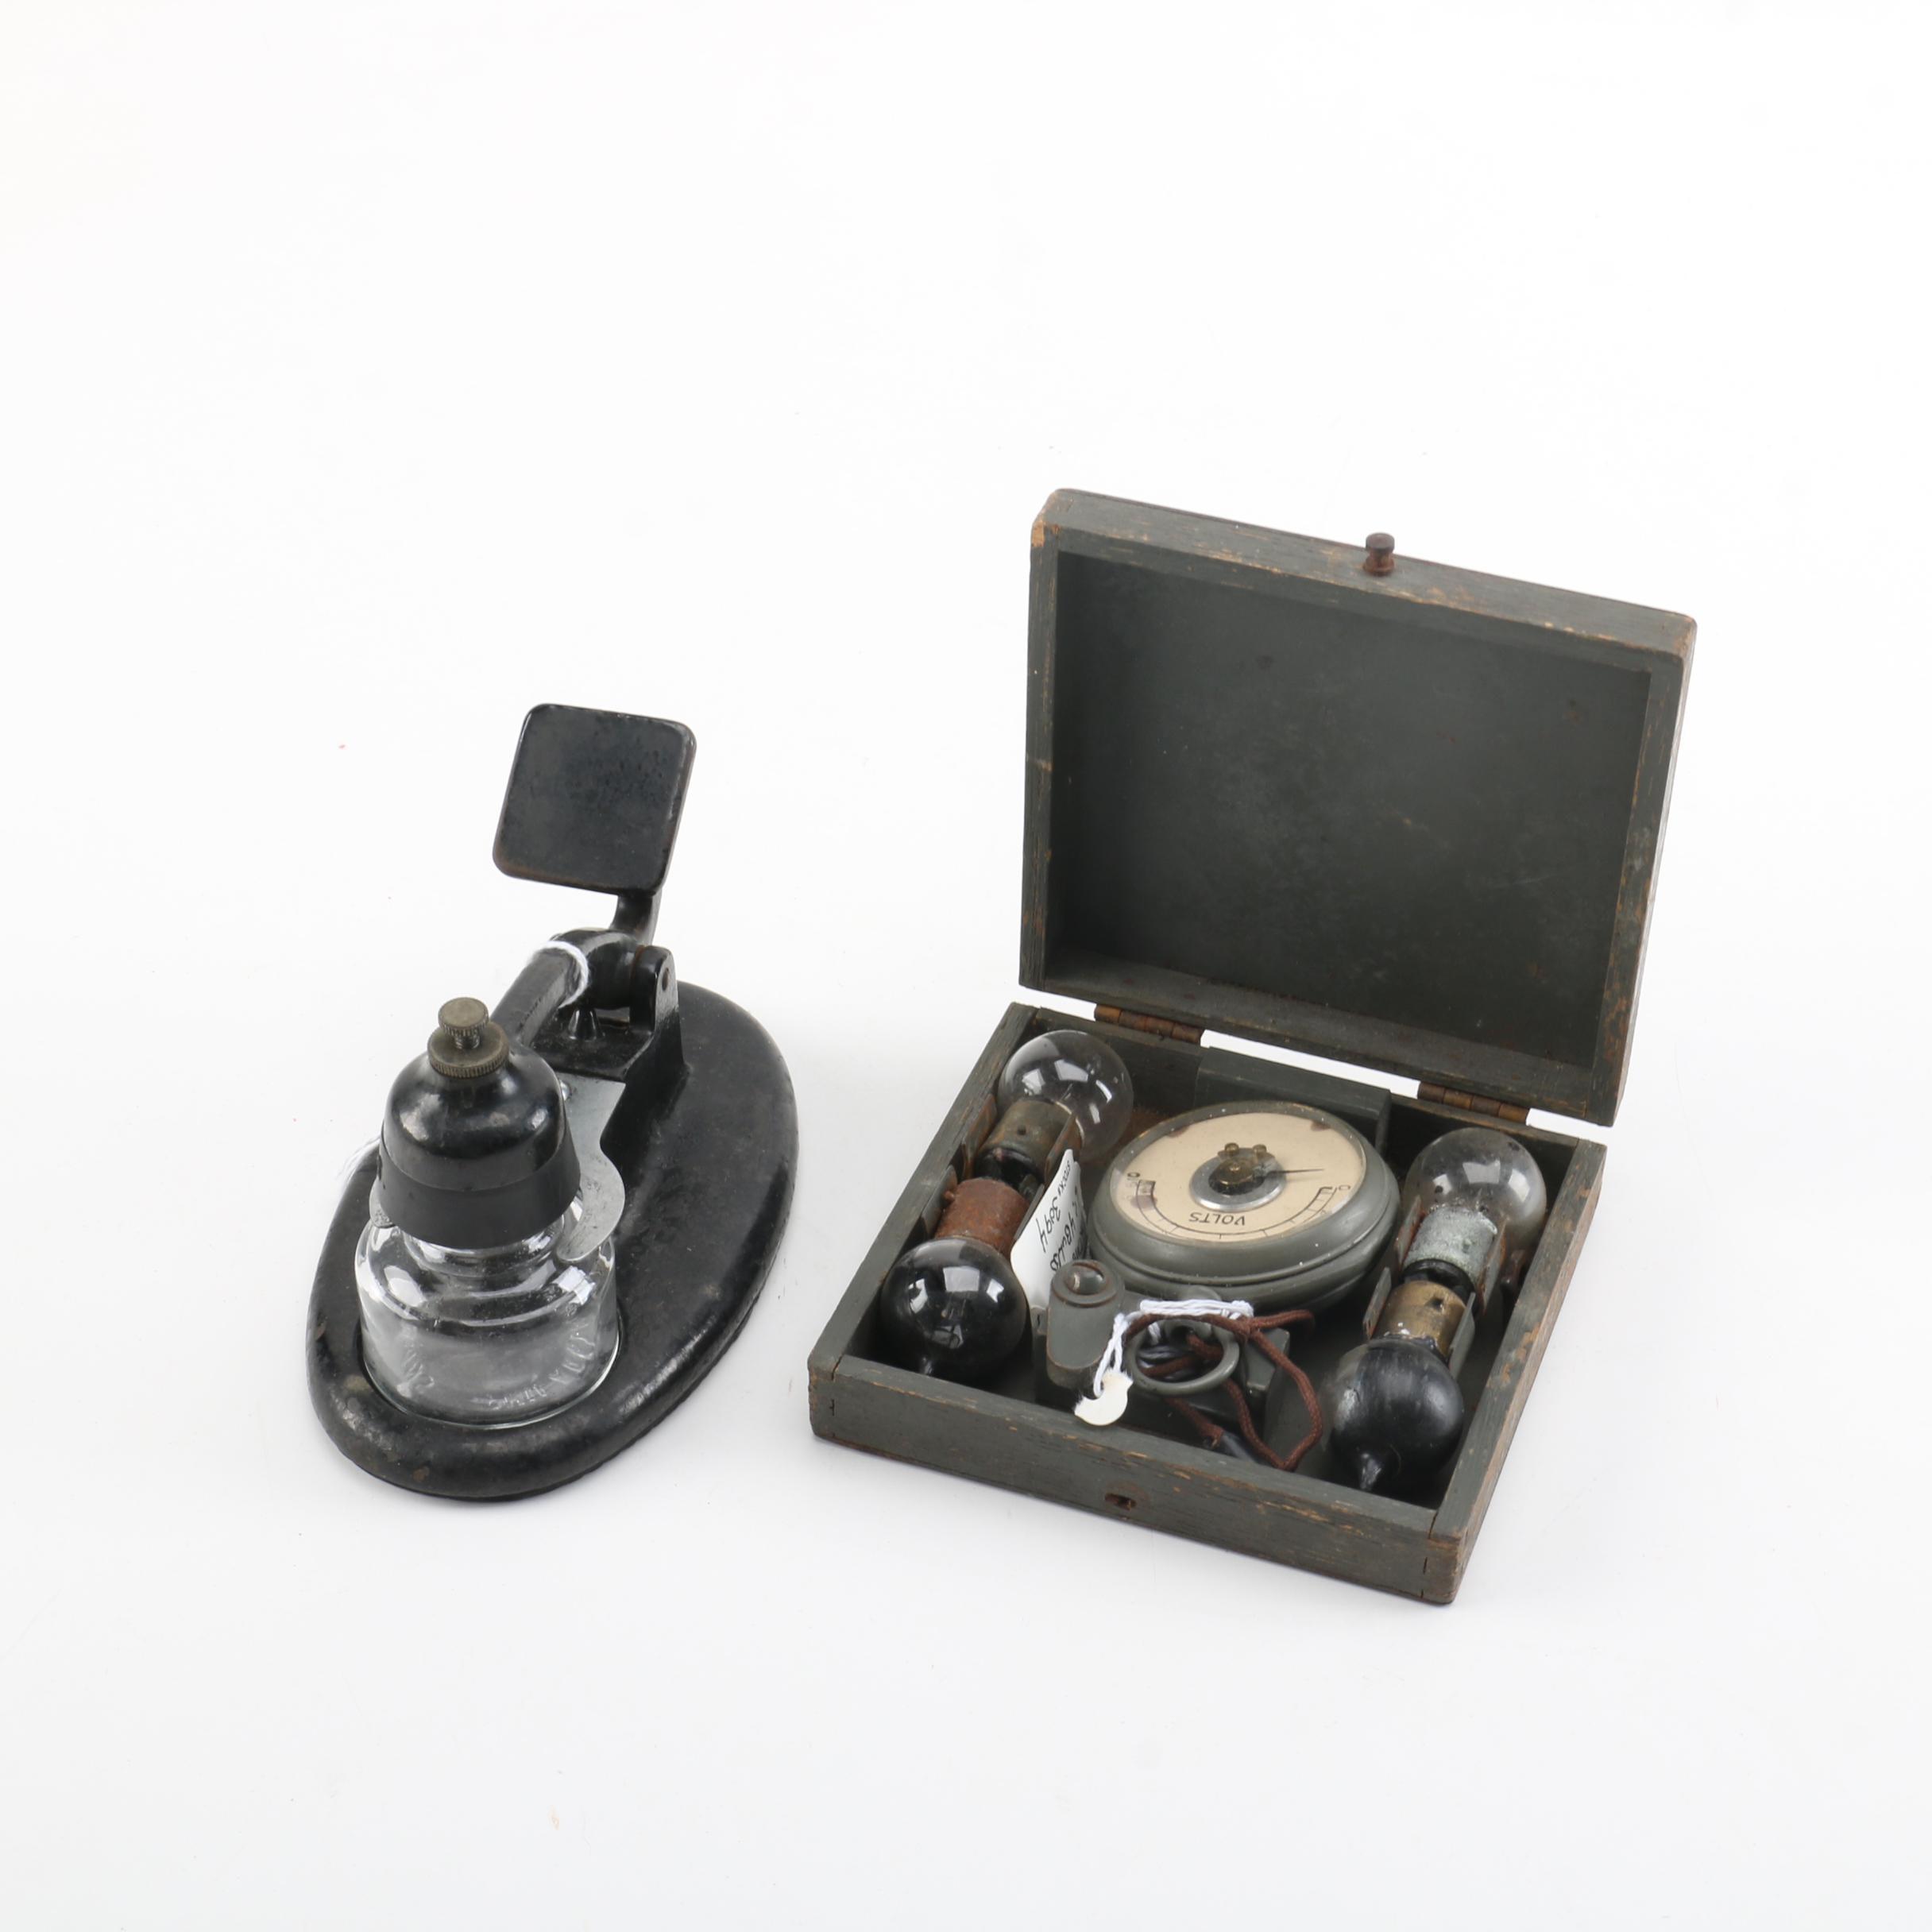 Vintage Voltmeter Kit and Inkwell